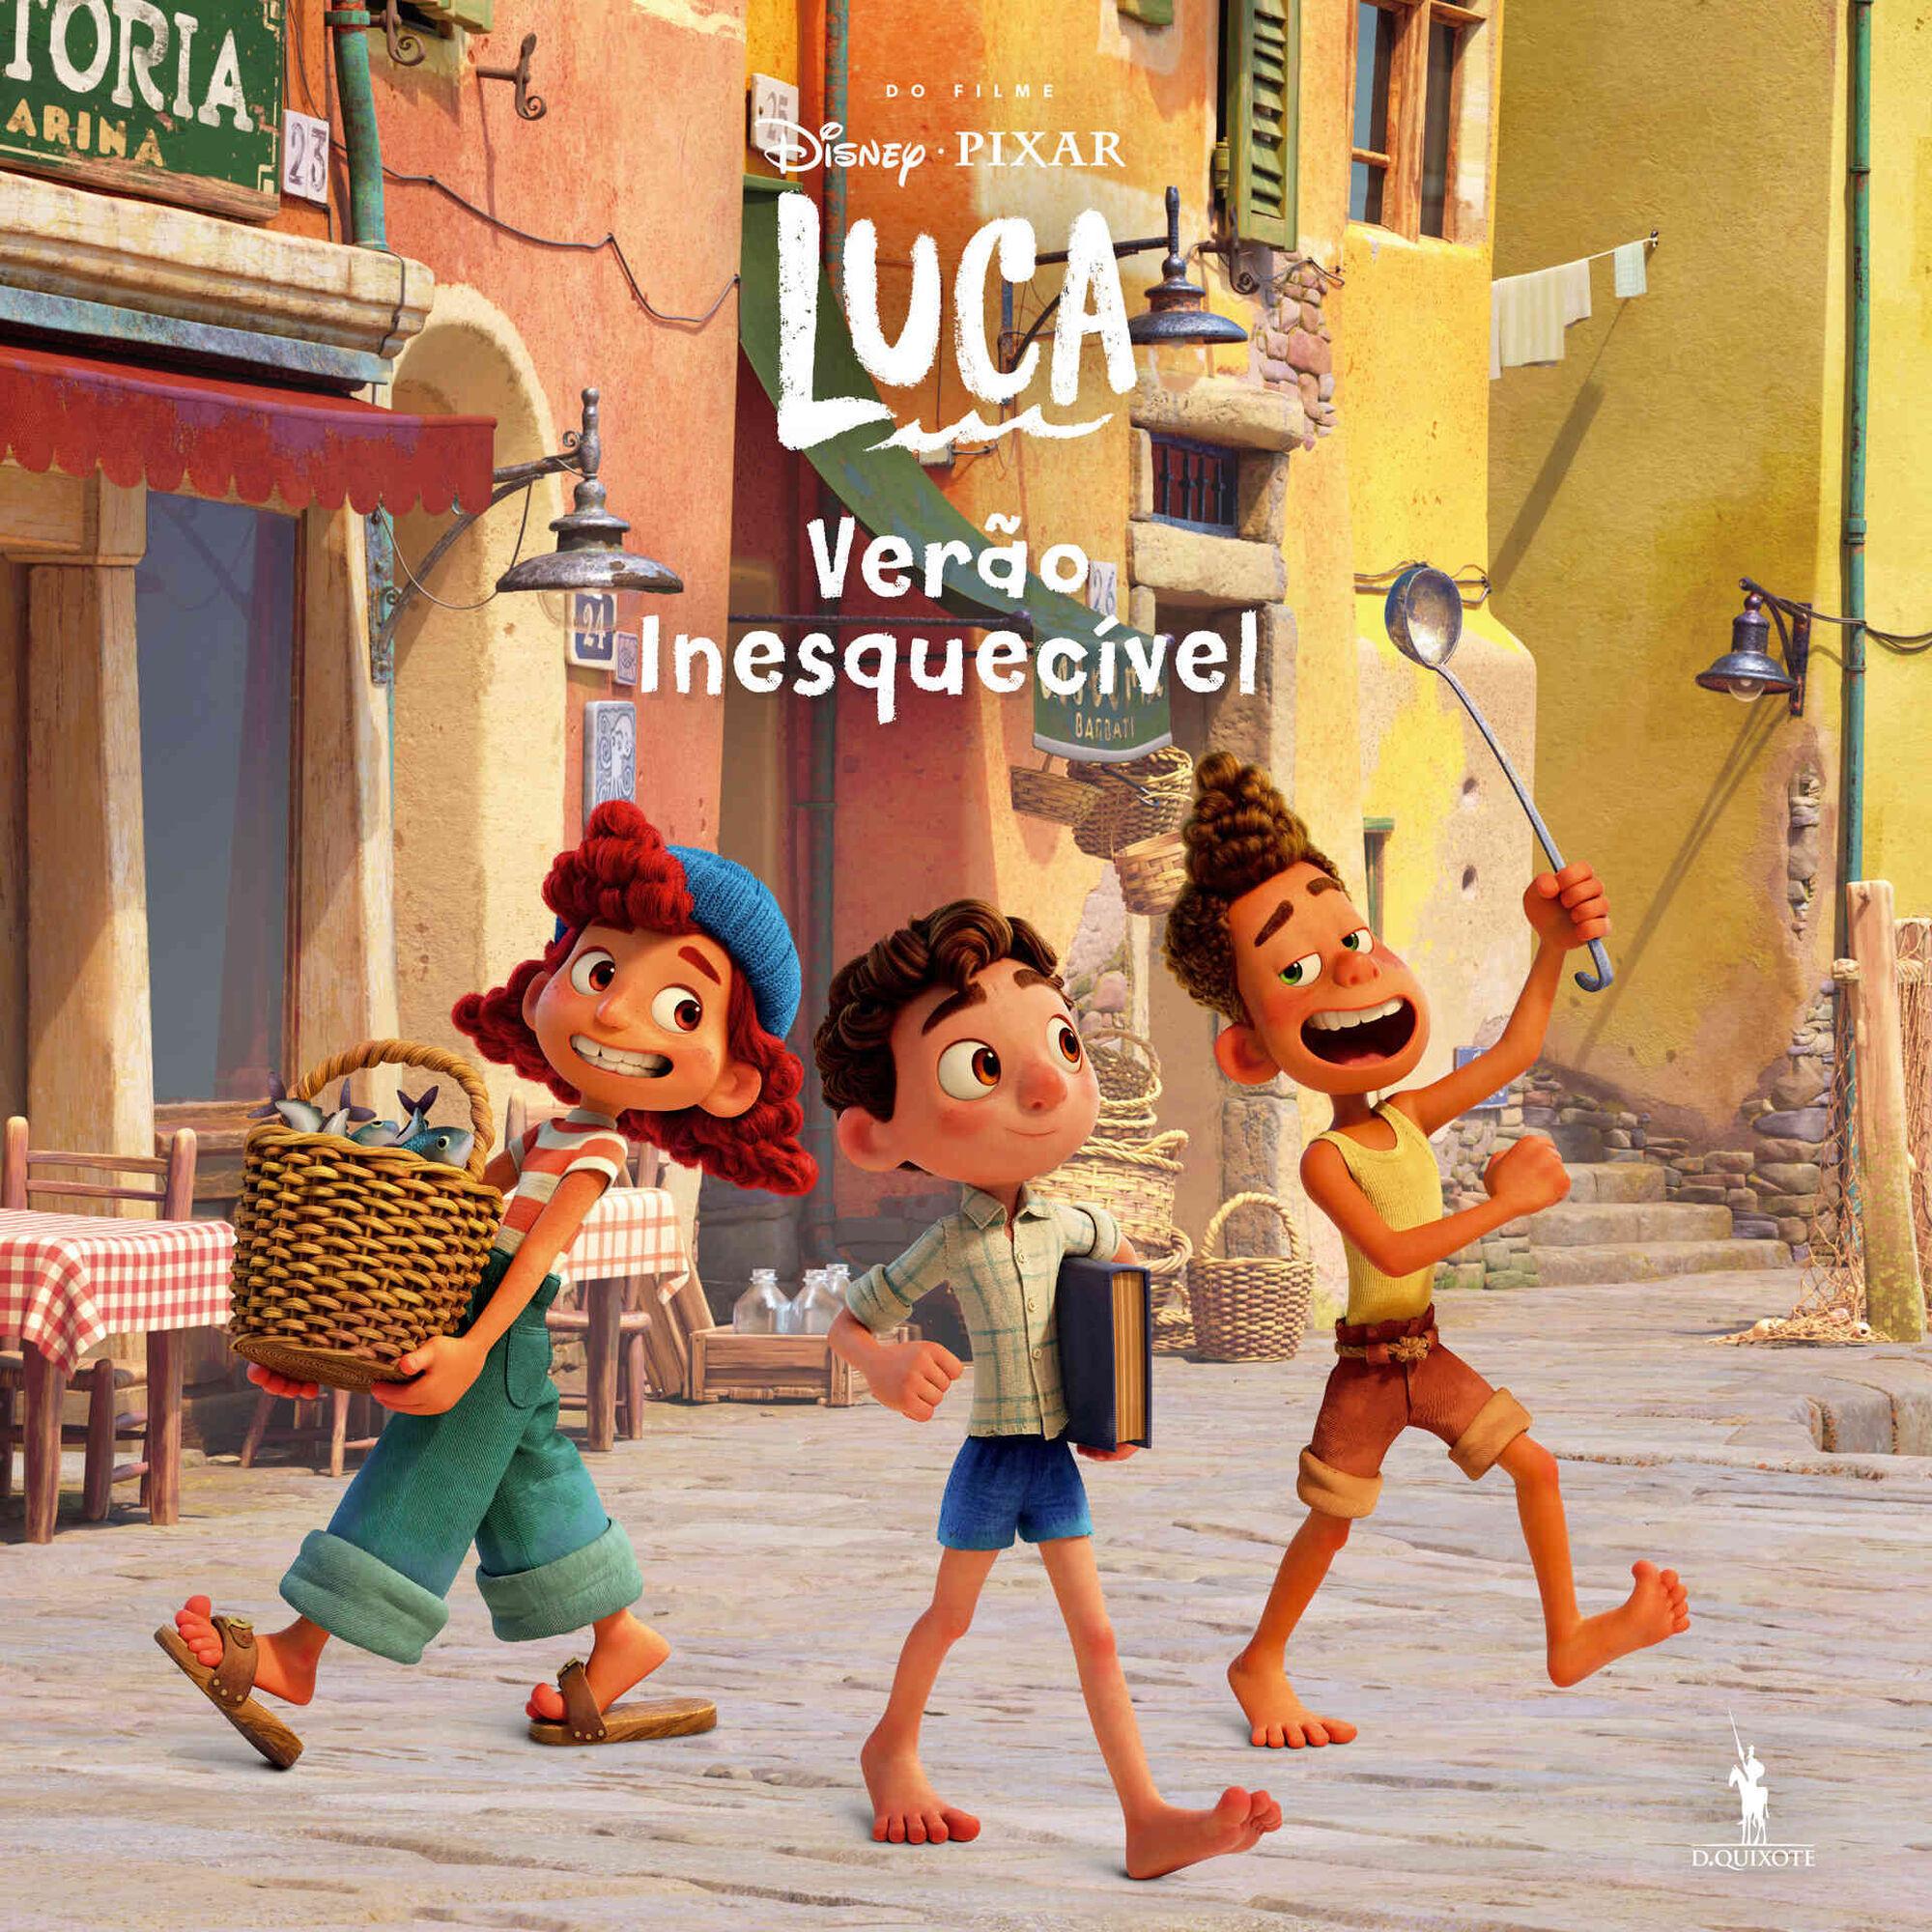 Luca - Verão Inesquecível